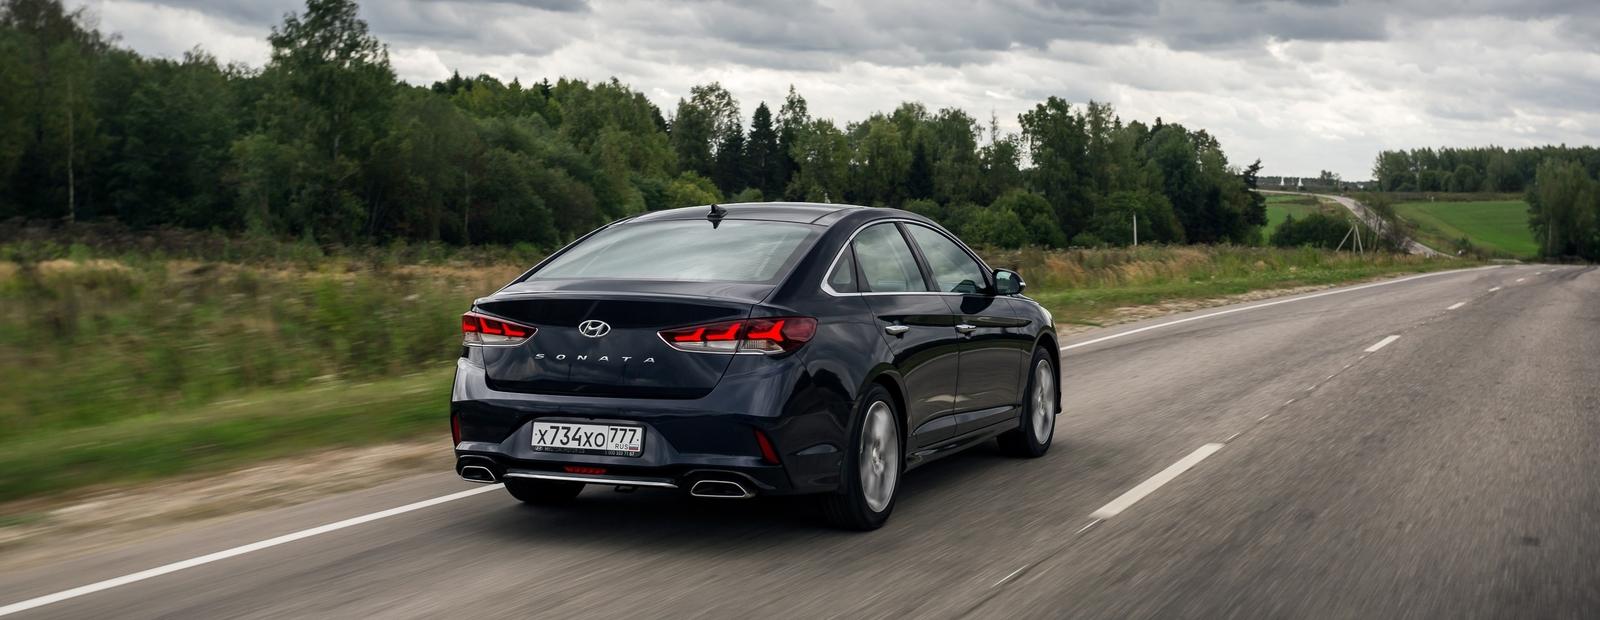 """Тест-драйв Hyundai Sonata: все, что вы хотели знать о """"сестре"""" Kia Optima"""